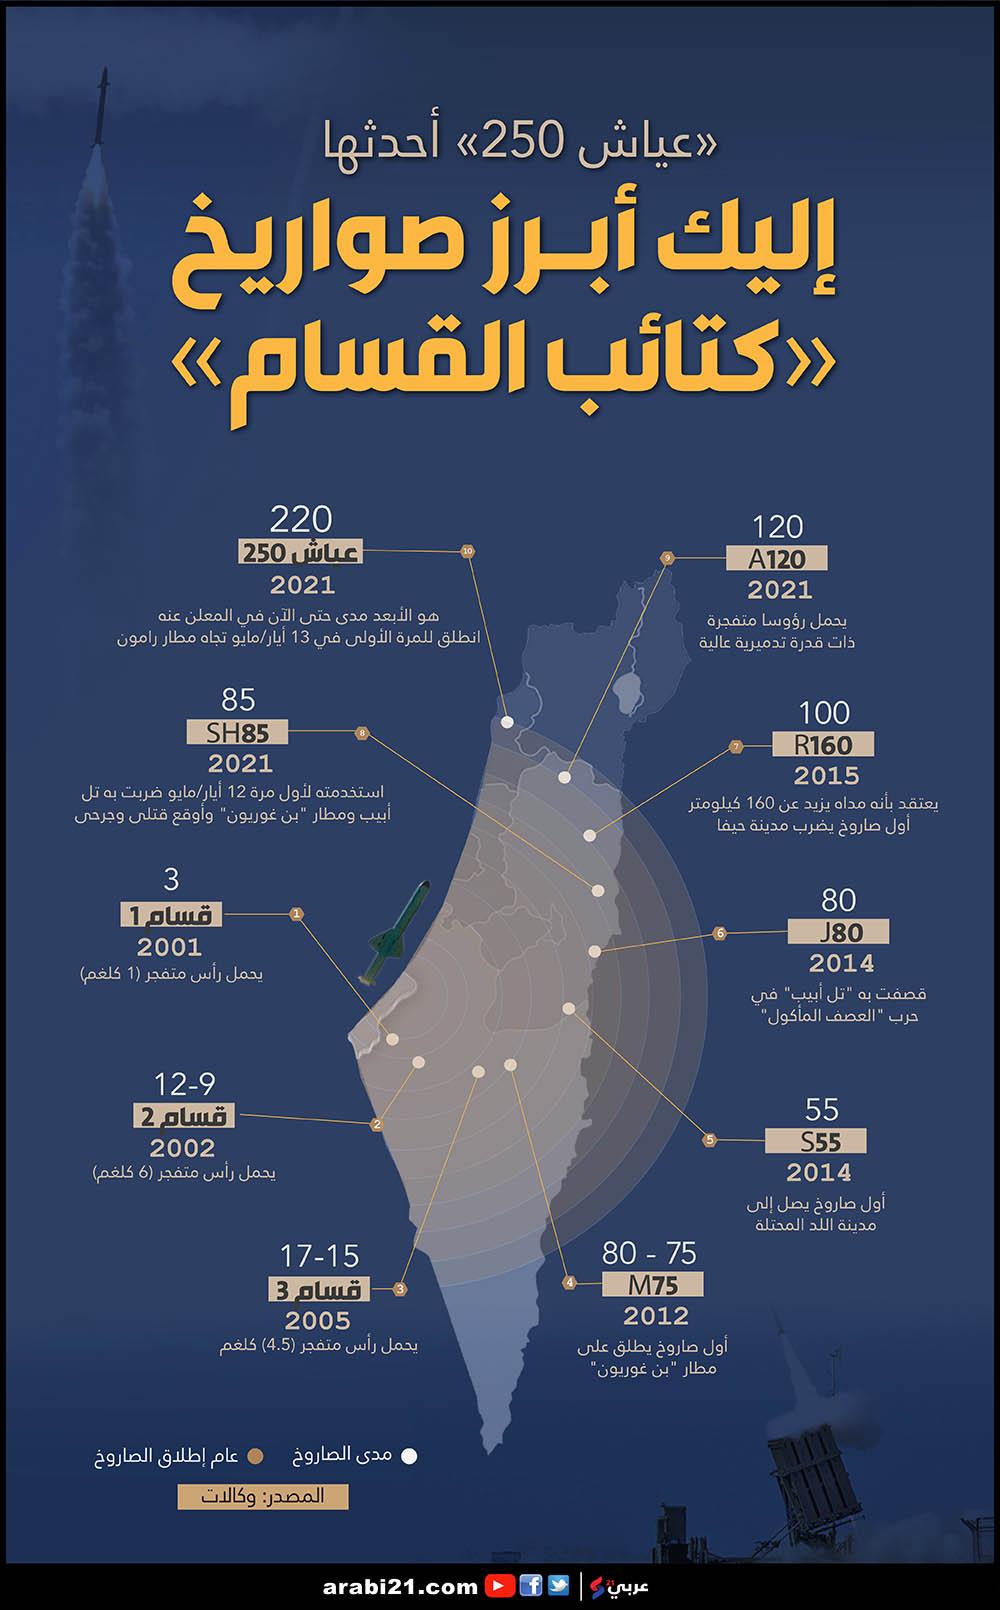 عياش 250.. اليكم أبرز صواريخ القسام